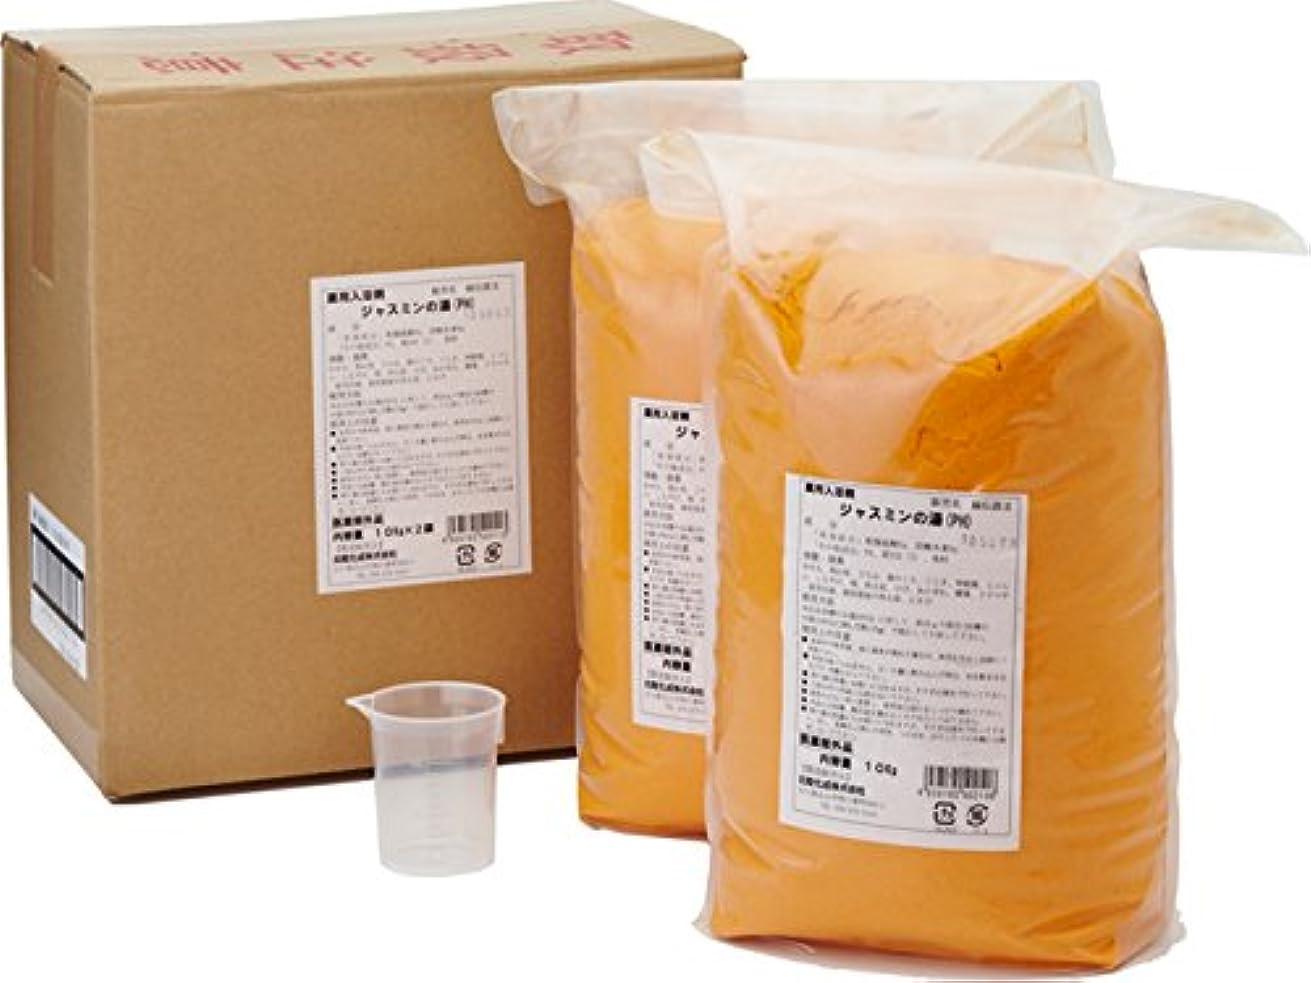 リンスカトリック教徒退化する入浴剤 ジャスミンの湯 / 20kg(10kg×2) ケース